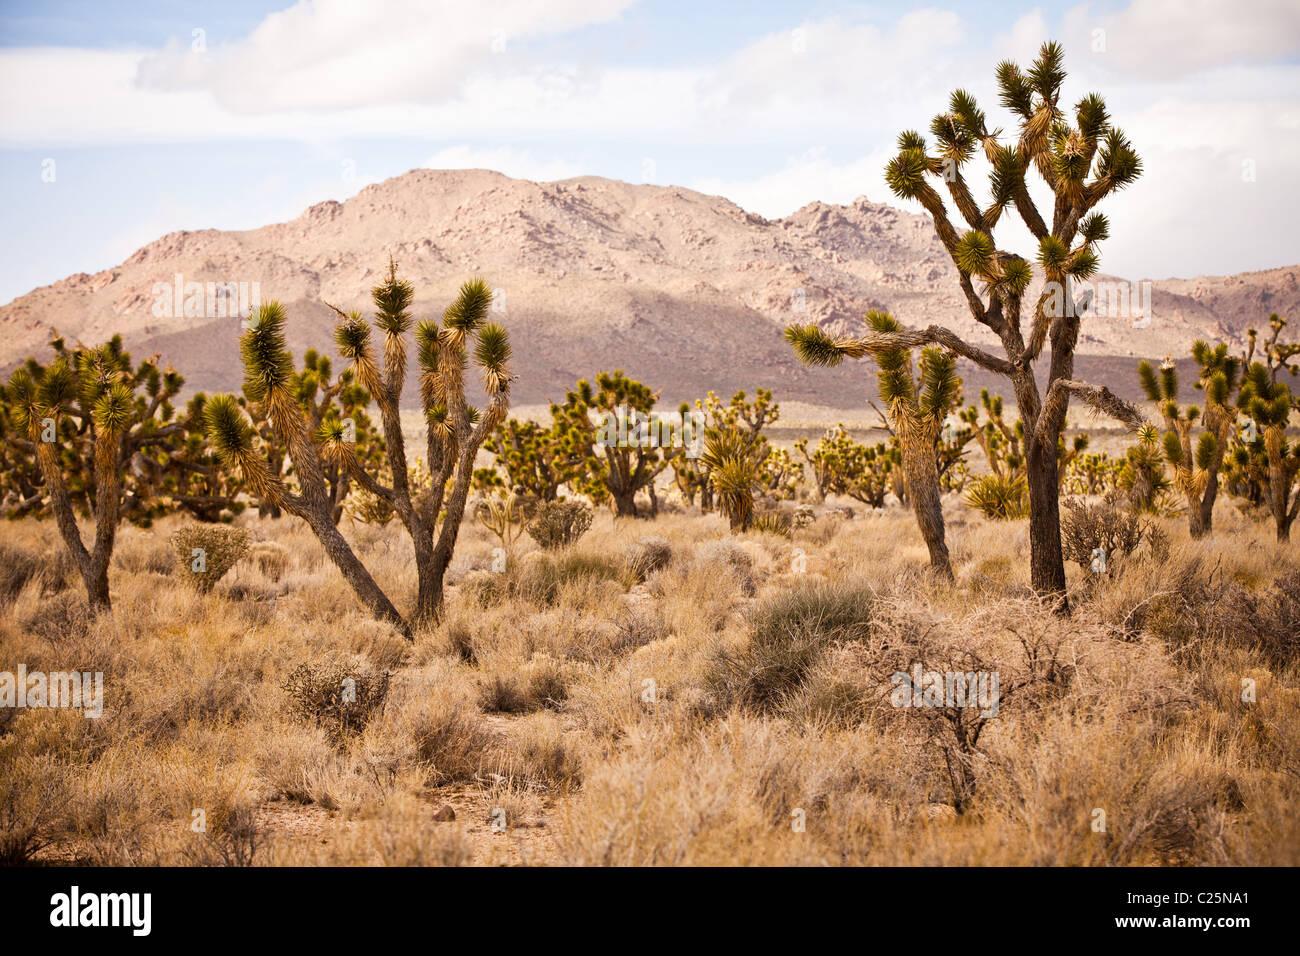 Joshua Trees in the Mojave Desert in the Mojave National Preserve, San Bernardino, CA - Stock Image